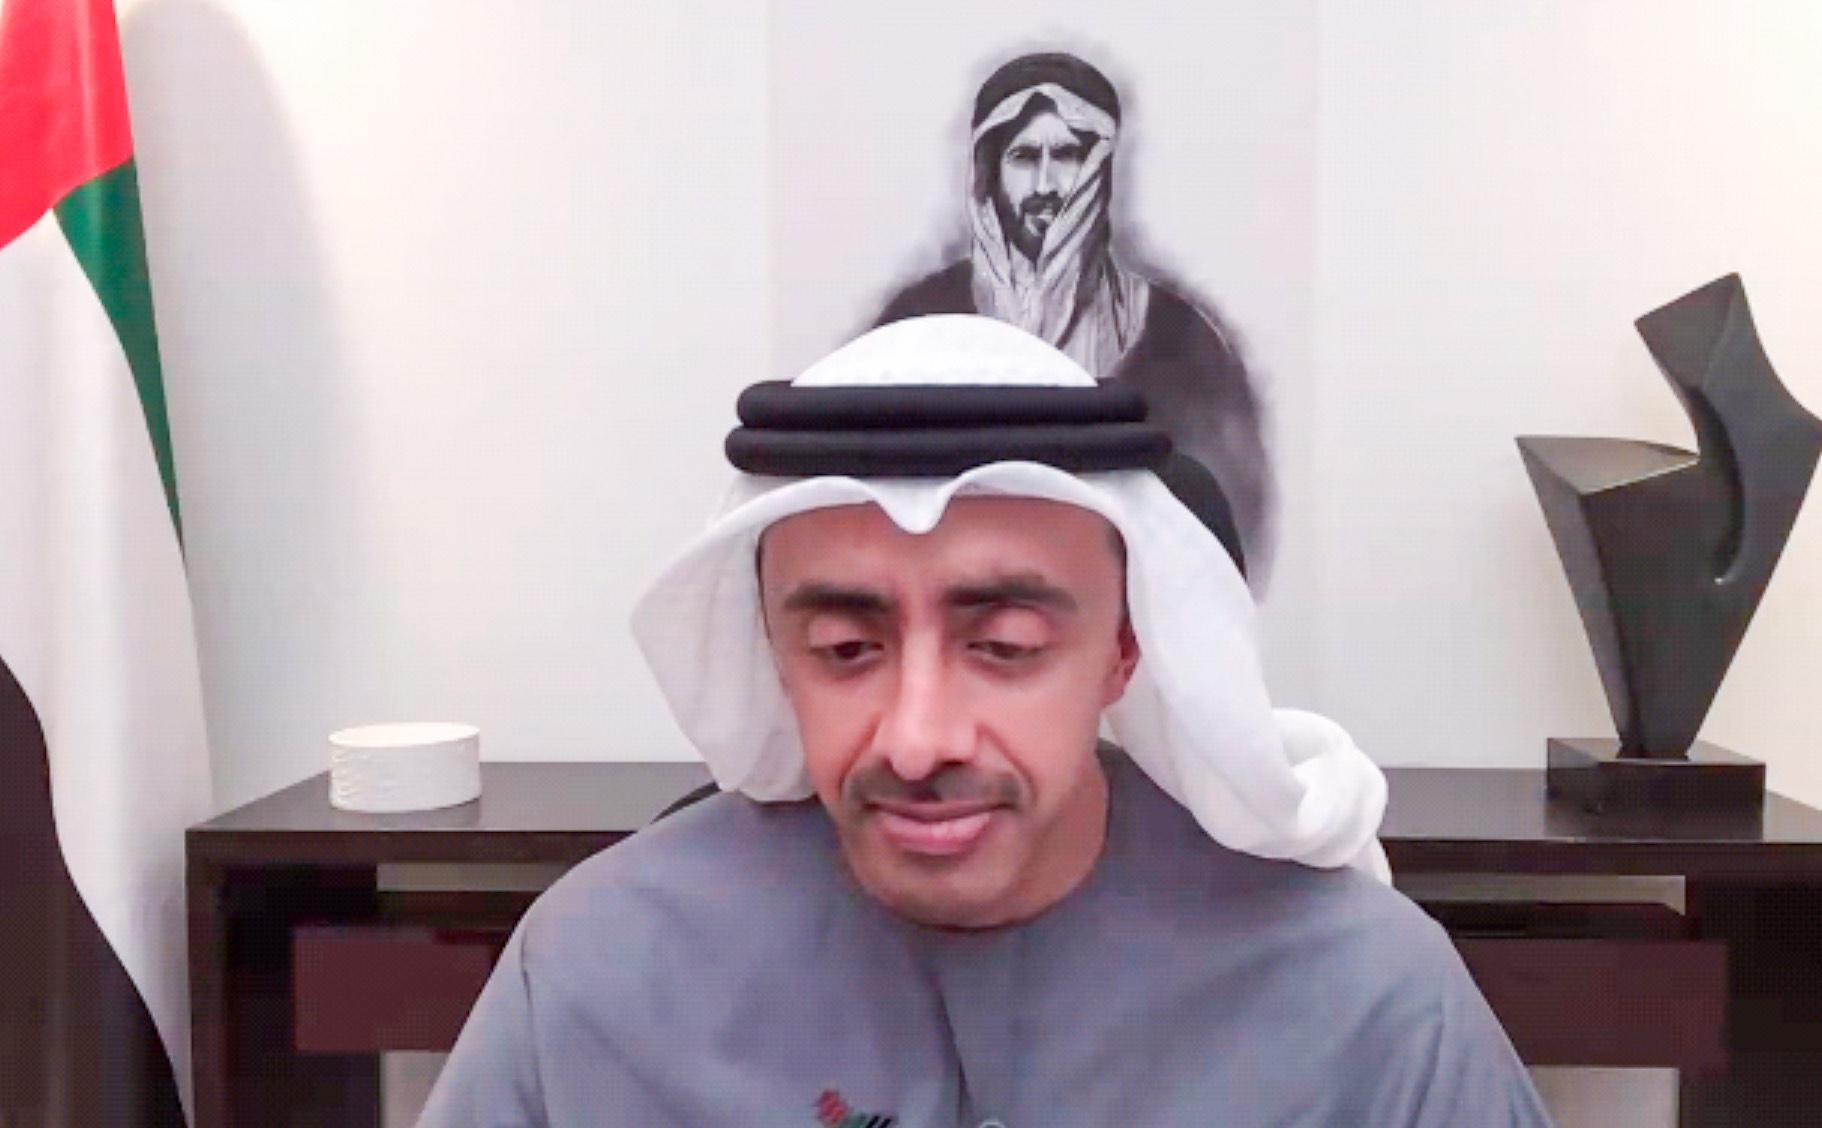 عبدالله بن زايد: نجدد دعمنا للمملكة المغربية الشقيقة في سيادتها الكاملة على الصحراء المغربية